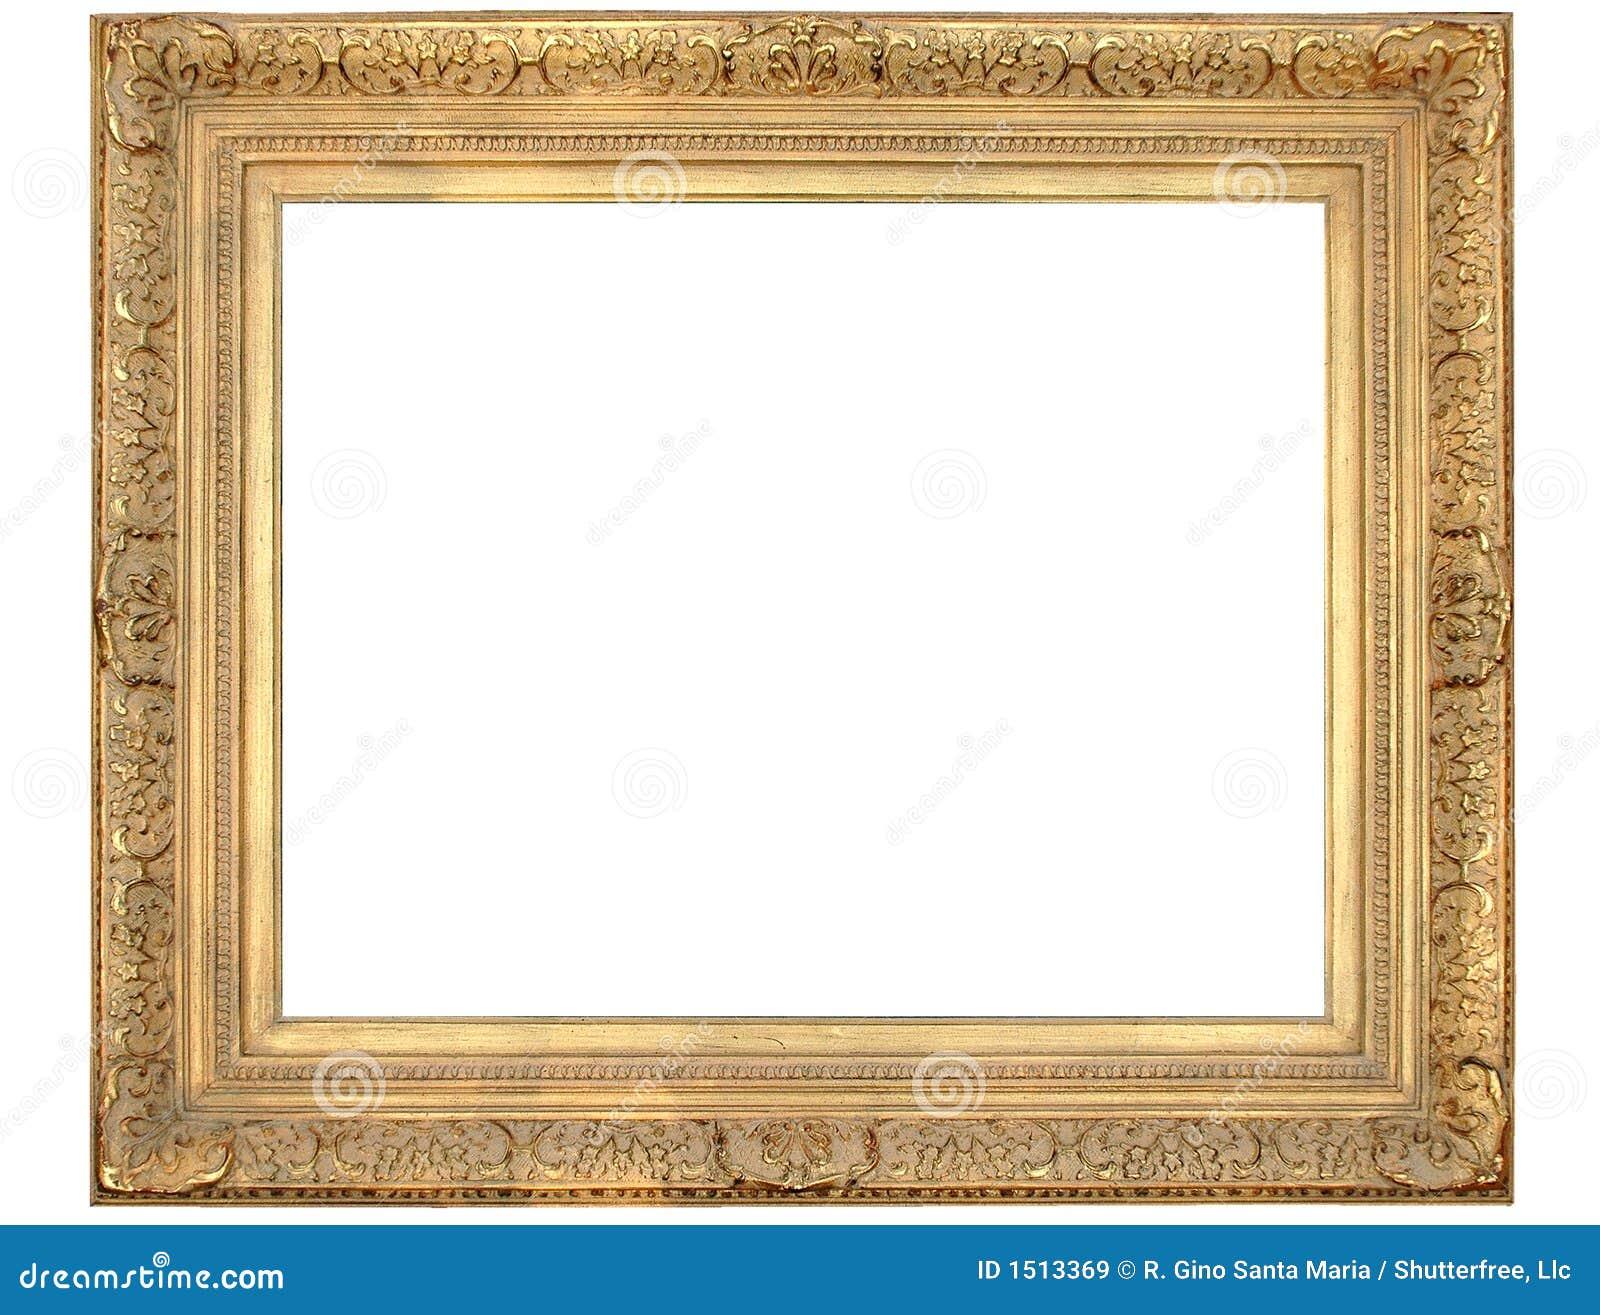 Ornate Gold Frame | www.pixshark.com - Images Galleries ...